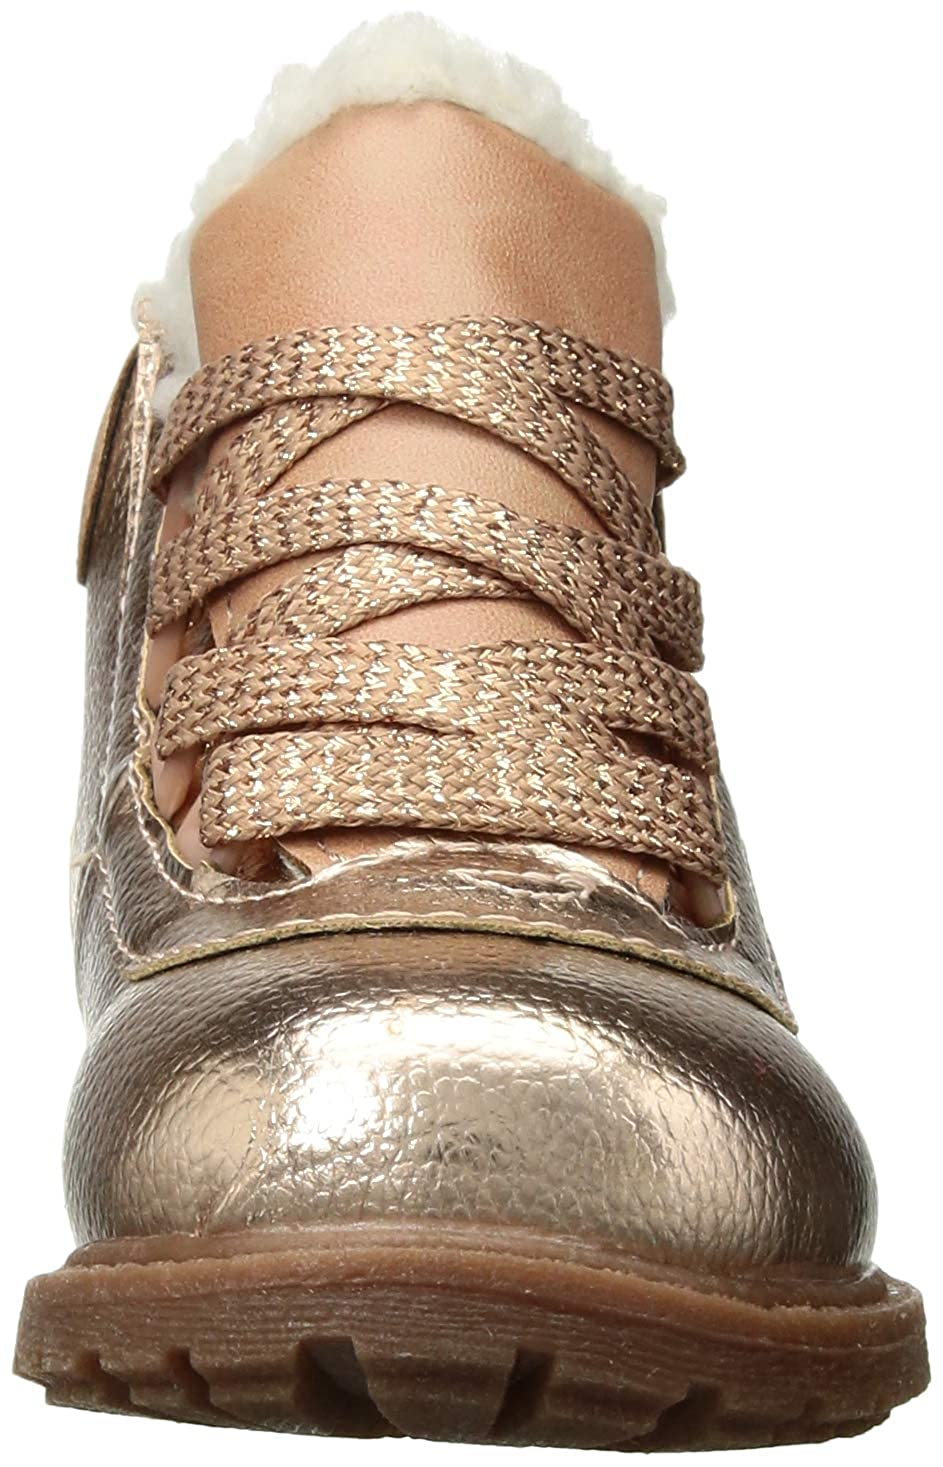 OshKosh BGosh Kids Daphne Fashion Boot